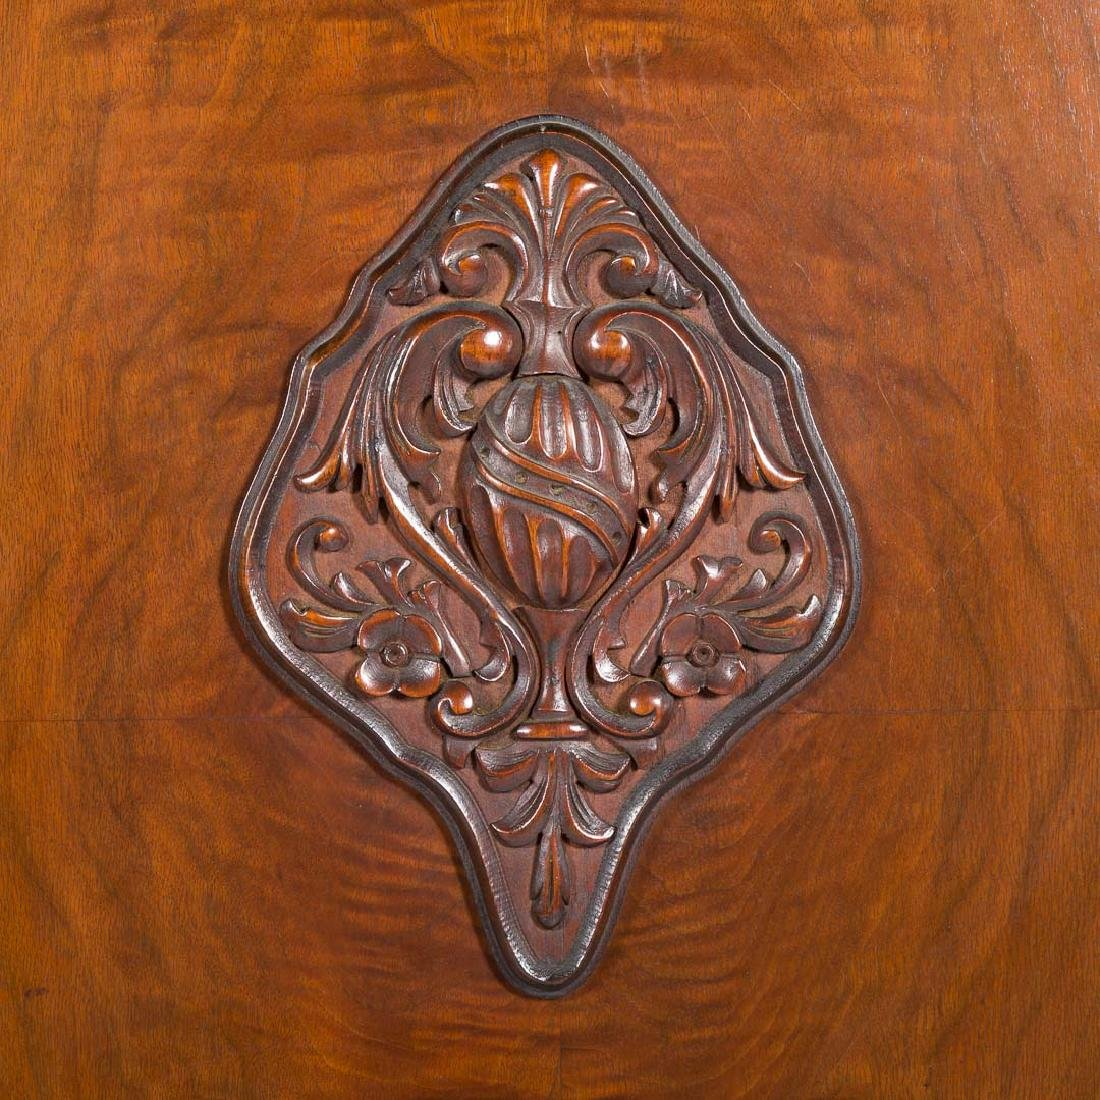 Louis XIV style walnut cabinet - 3